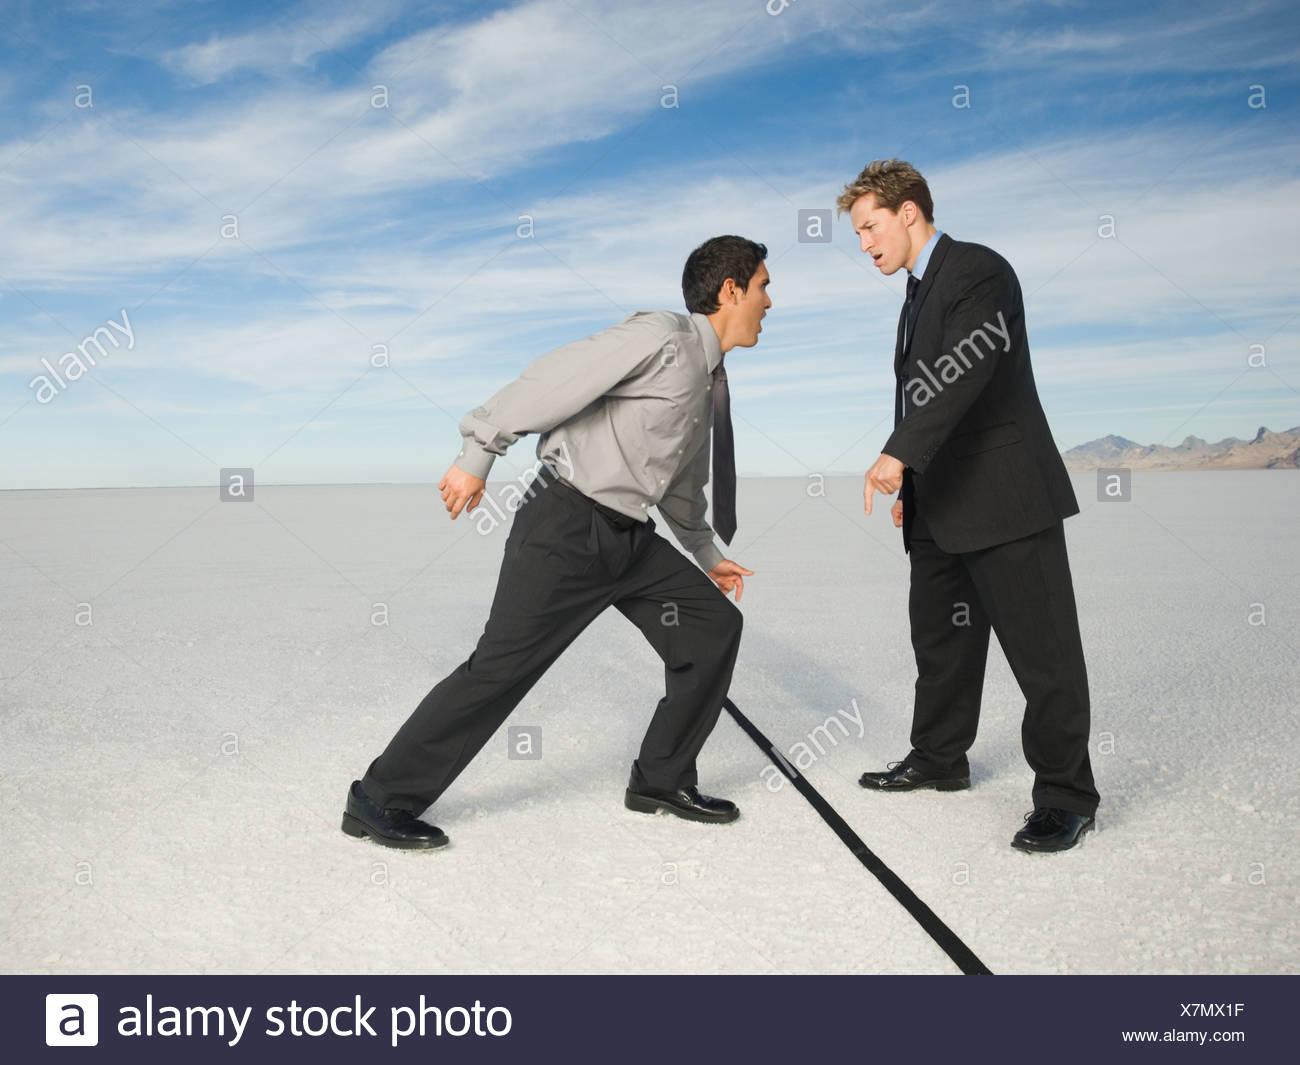 Geschäftsleute auf gegenüberliegenden Seiten der Linie, Salinen, Utah, USA Stockbild